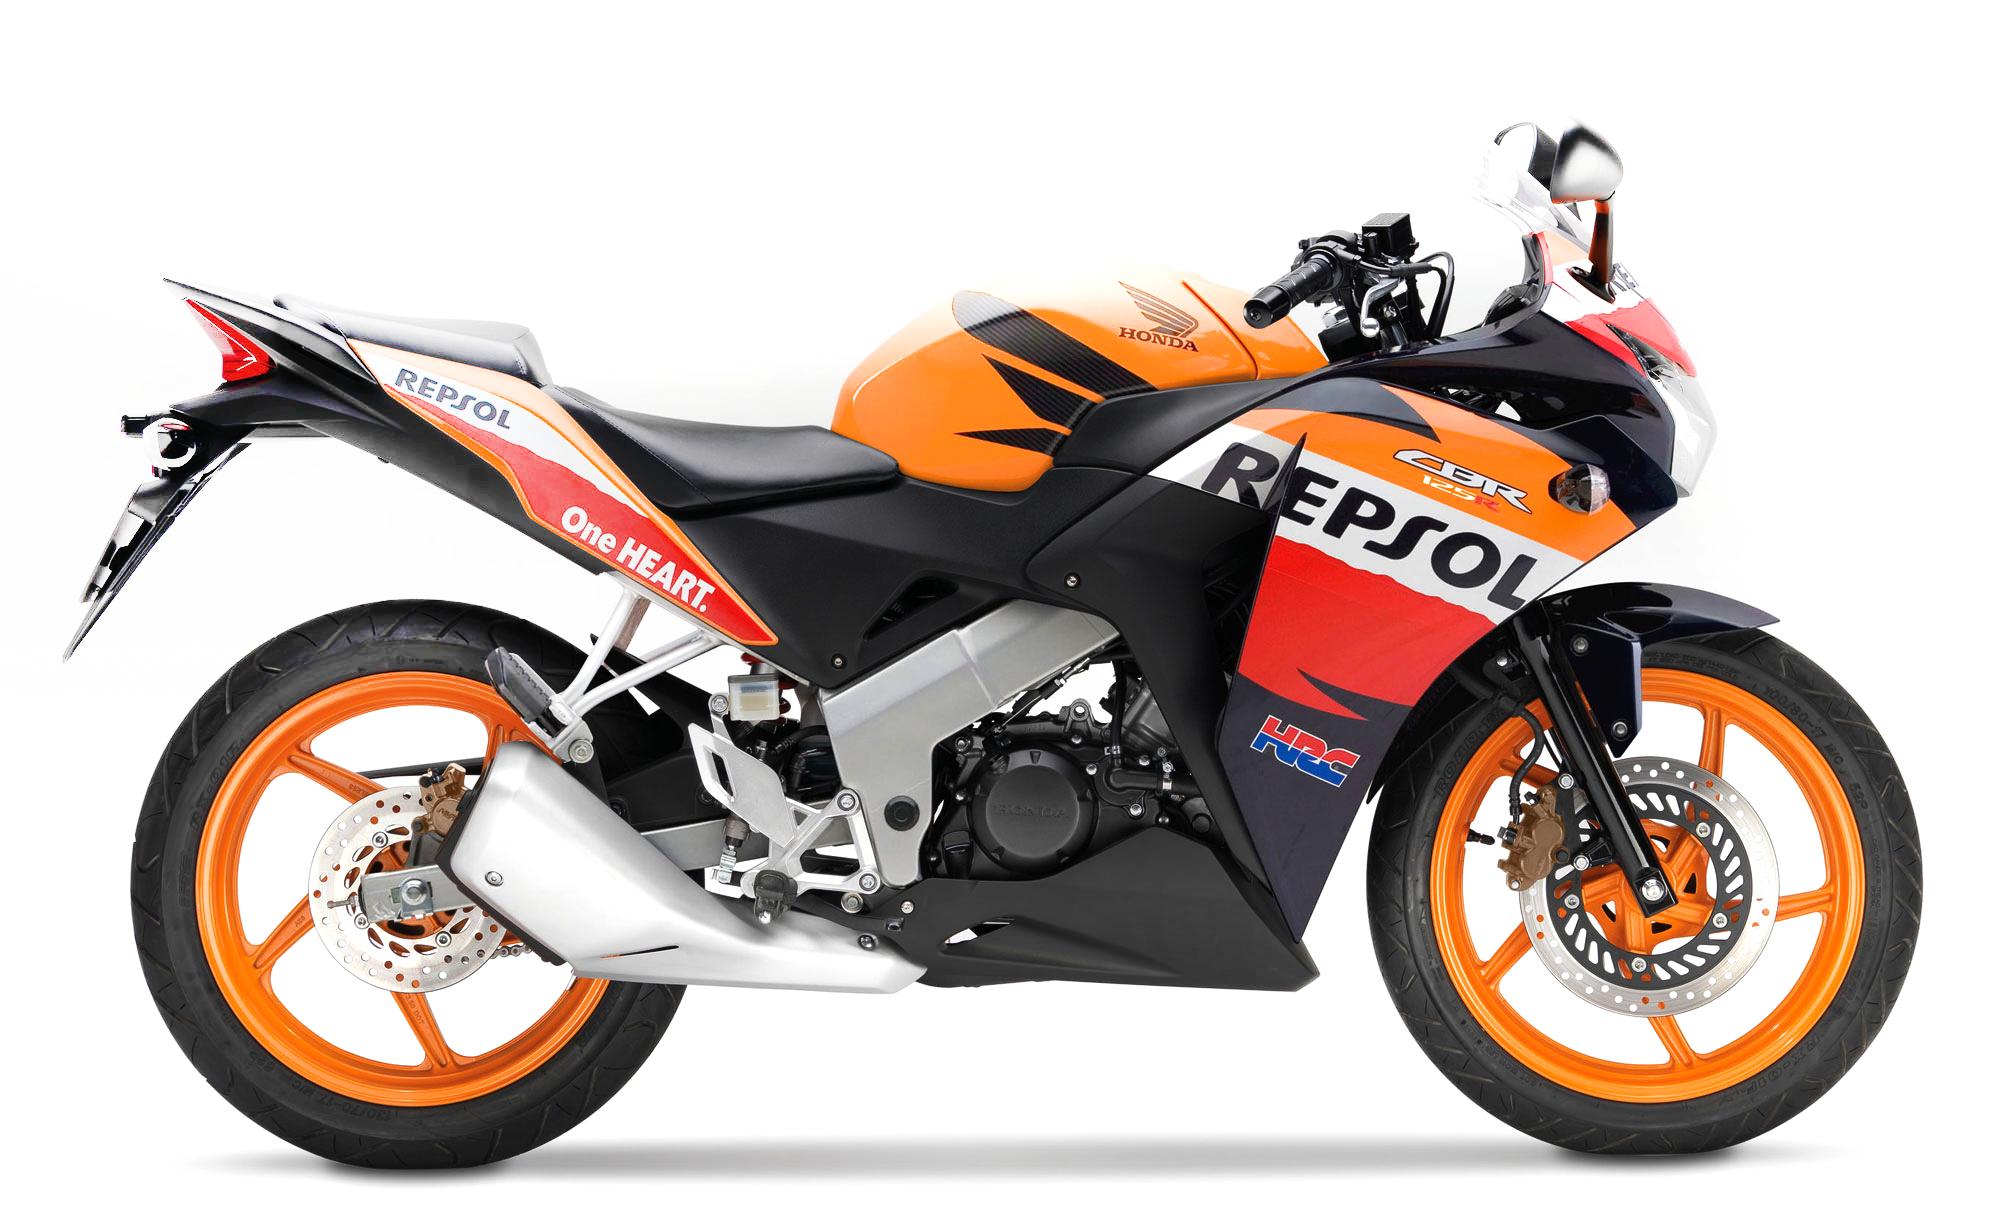 Honda Cbr 125 Motocykle 125 Opinie Ceny Porady